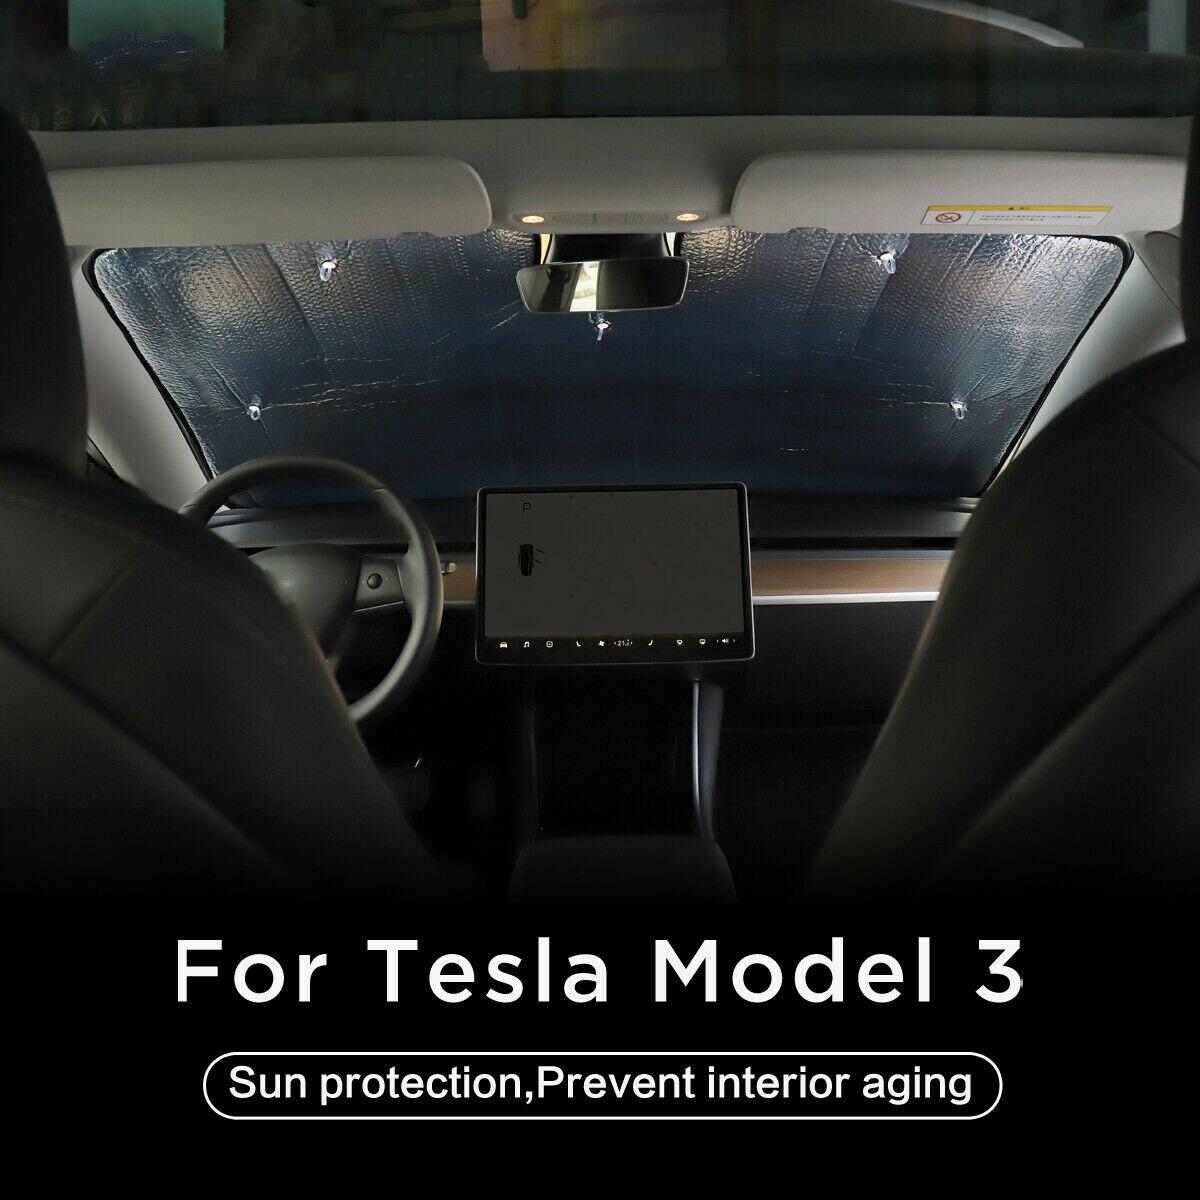 Nouveau pare-brise pare-brise pare-soleil pare-soleil voiture lucarne aveugle ombrage Net pare-brise avant pour Tesla modèle 3